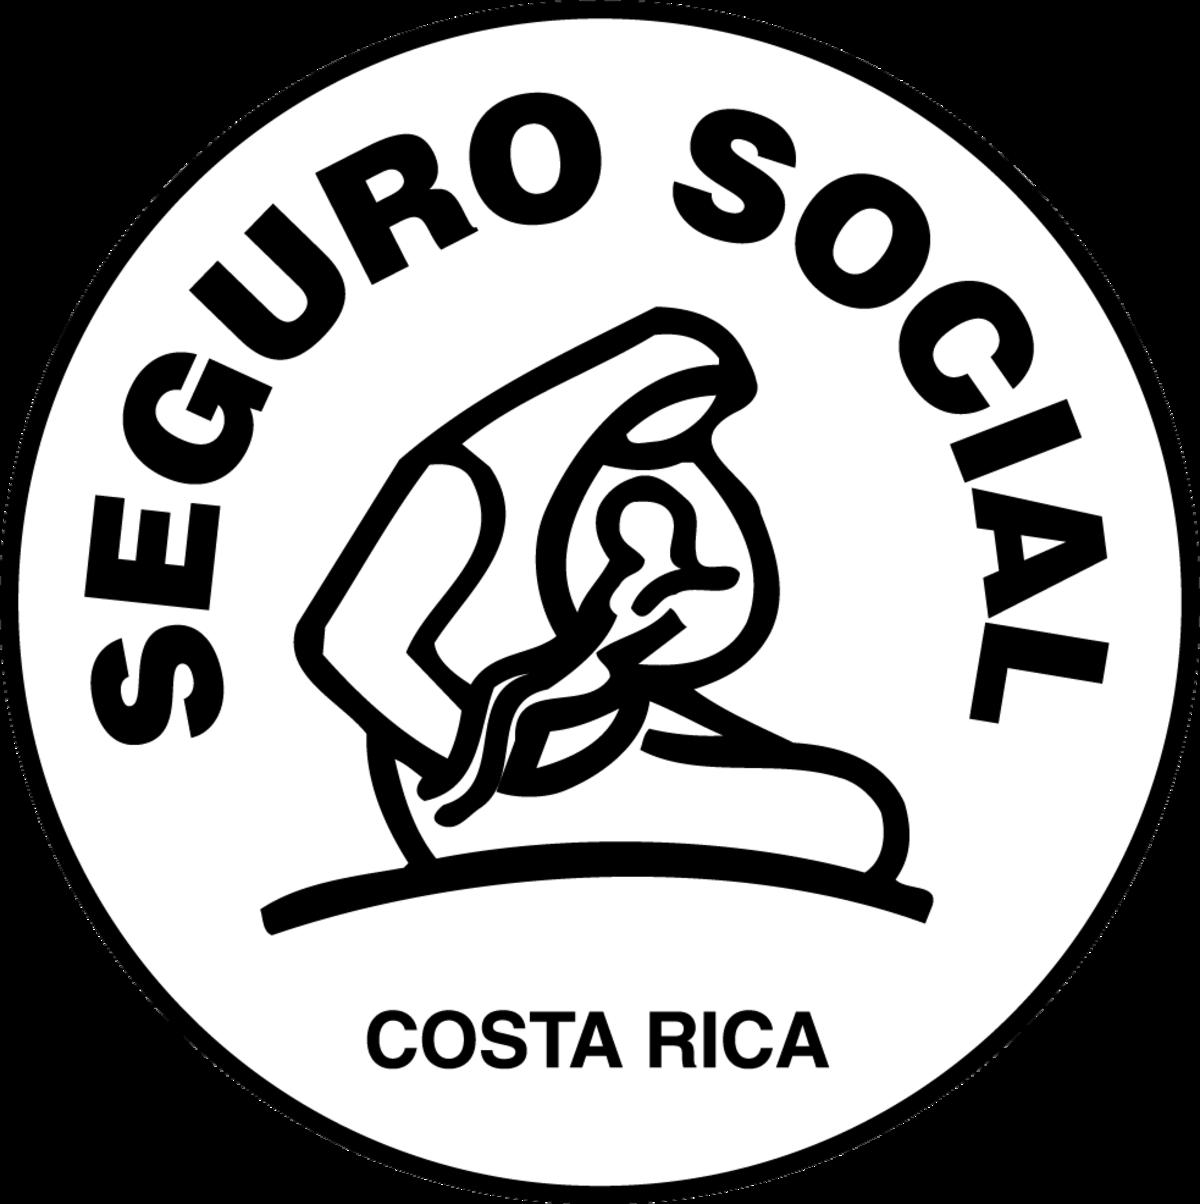 Caja costarricense de seguro social wikipedia la for Importancia de la oficina dentro de la empresa wikipedia